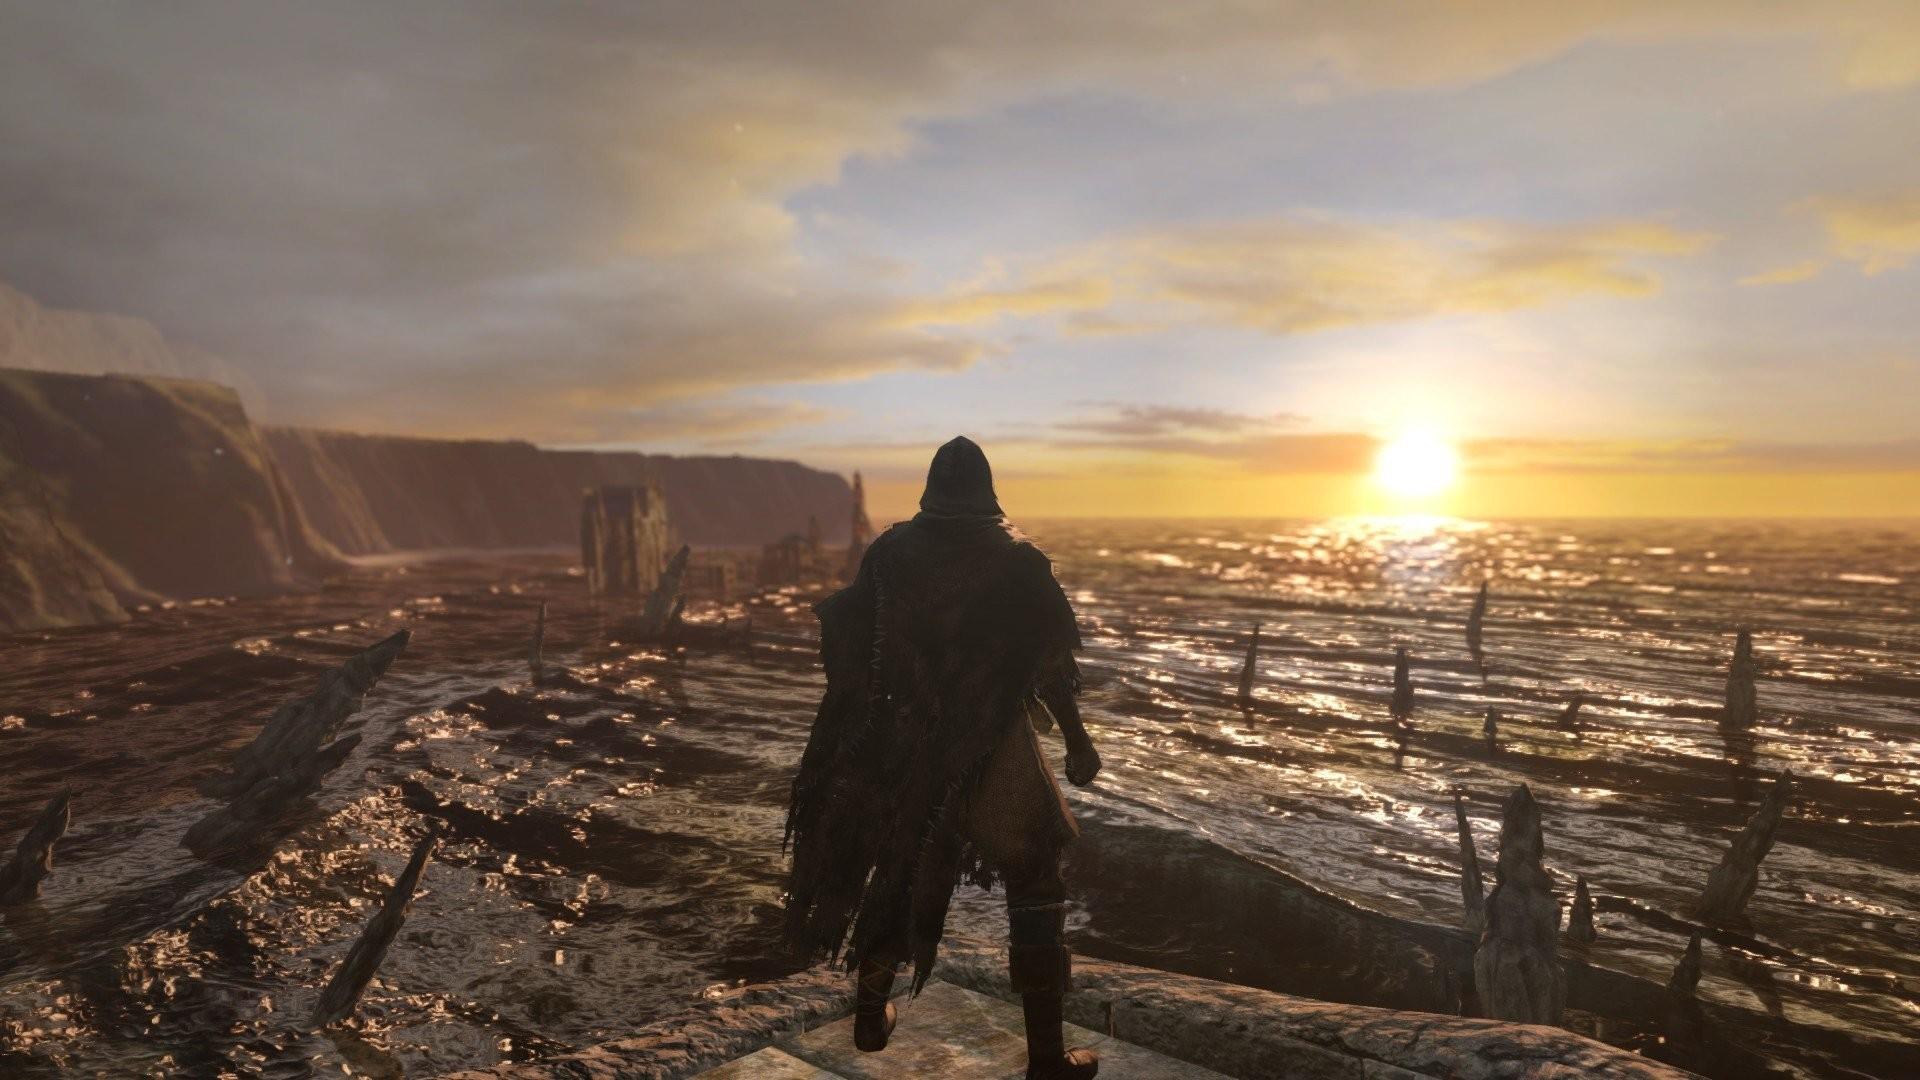 Dark Souls 2 Majula Sunset Mountains Sea Ruins Undead